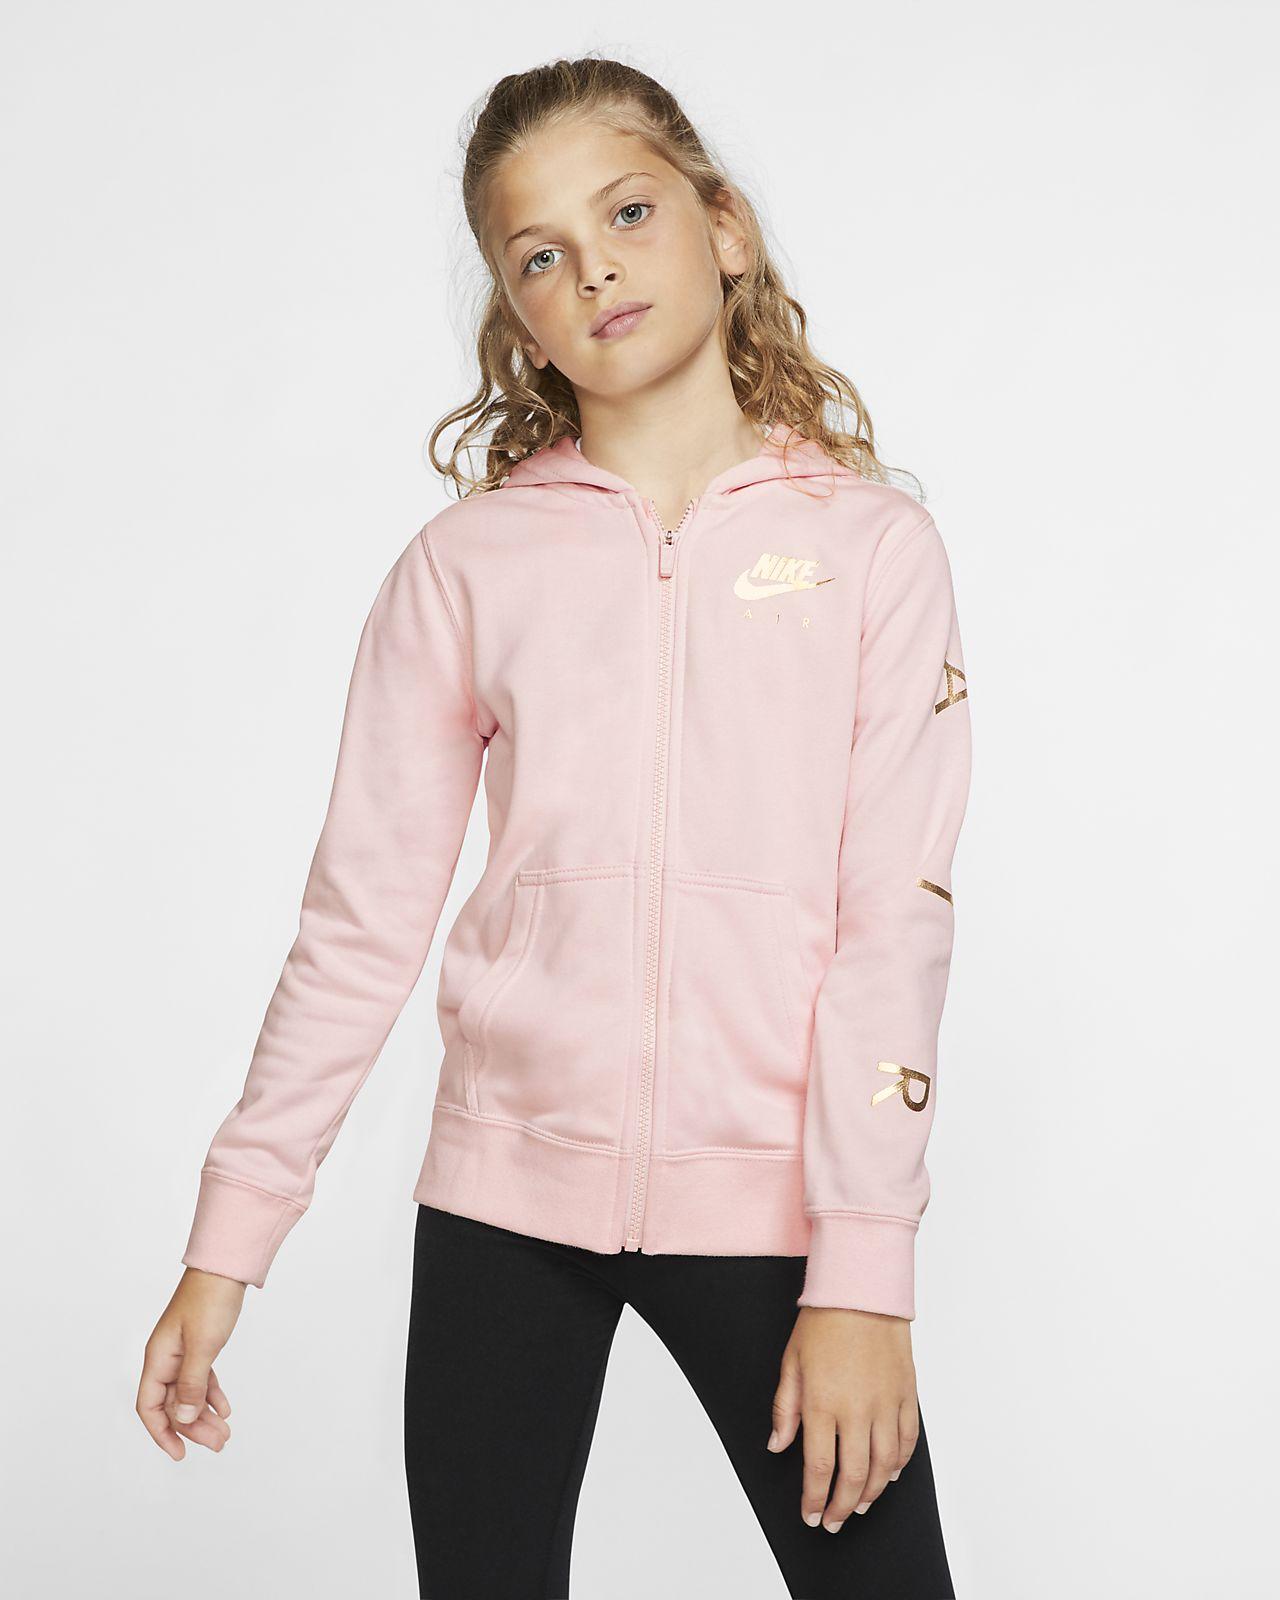 Nike Air hosszú cipzáras, kapucnis polárpulóver nagyobb gyerekeknek (lányoknak)